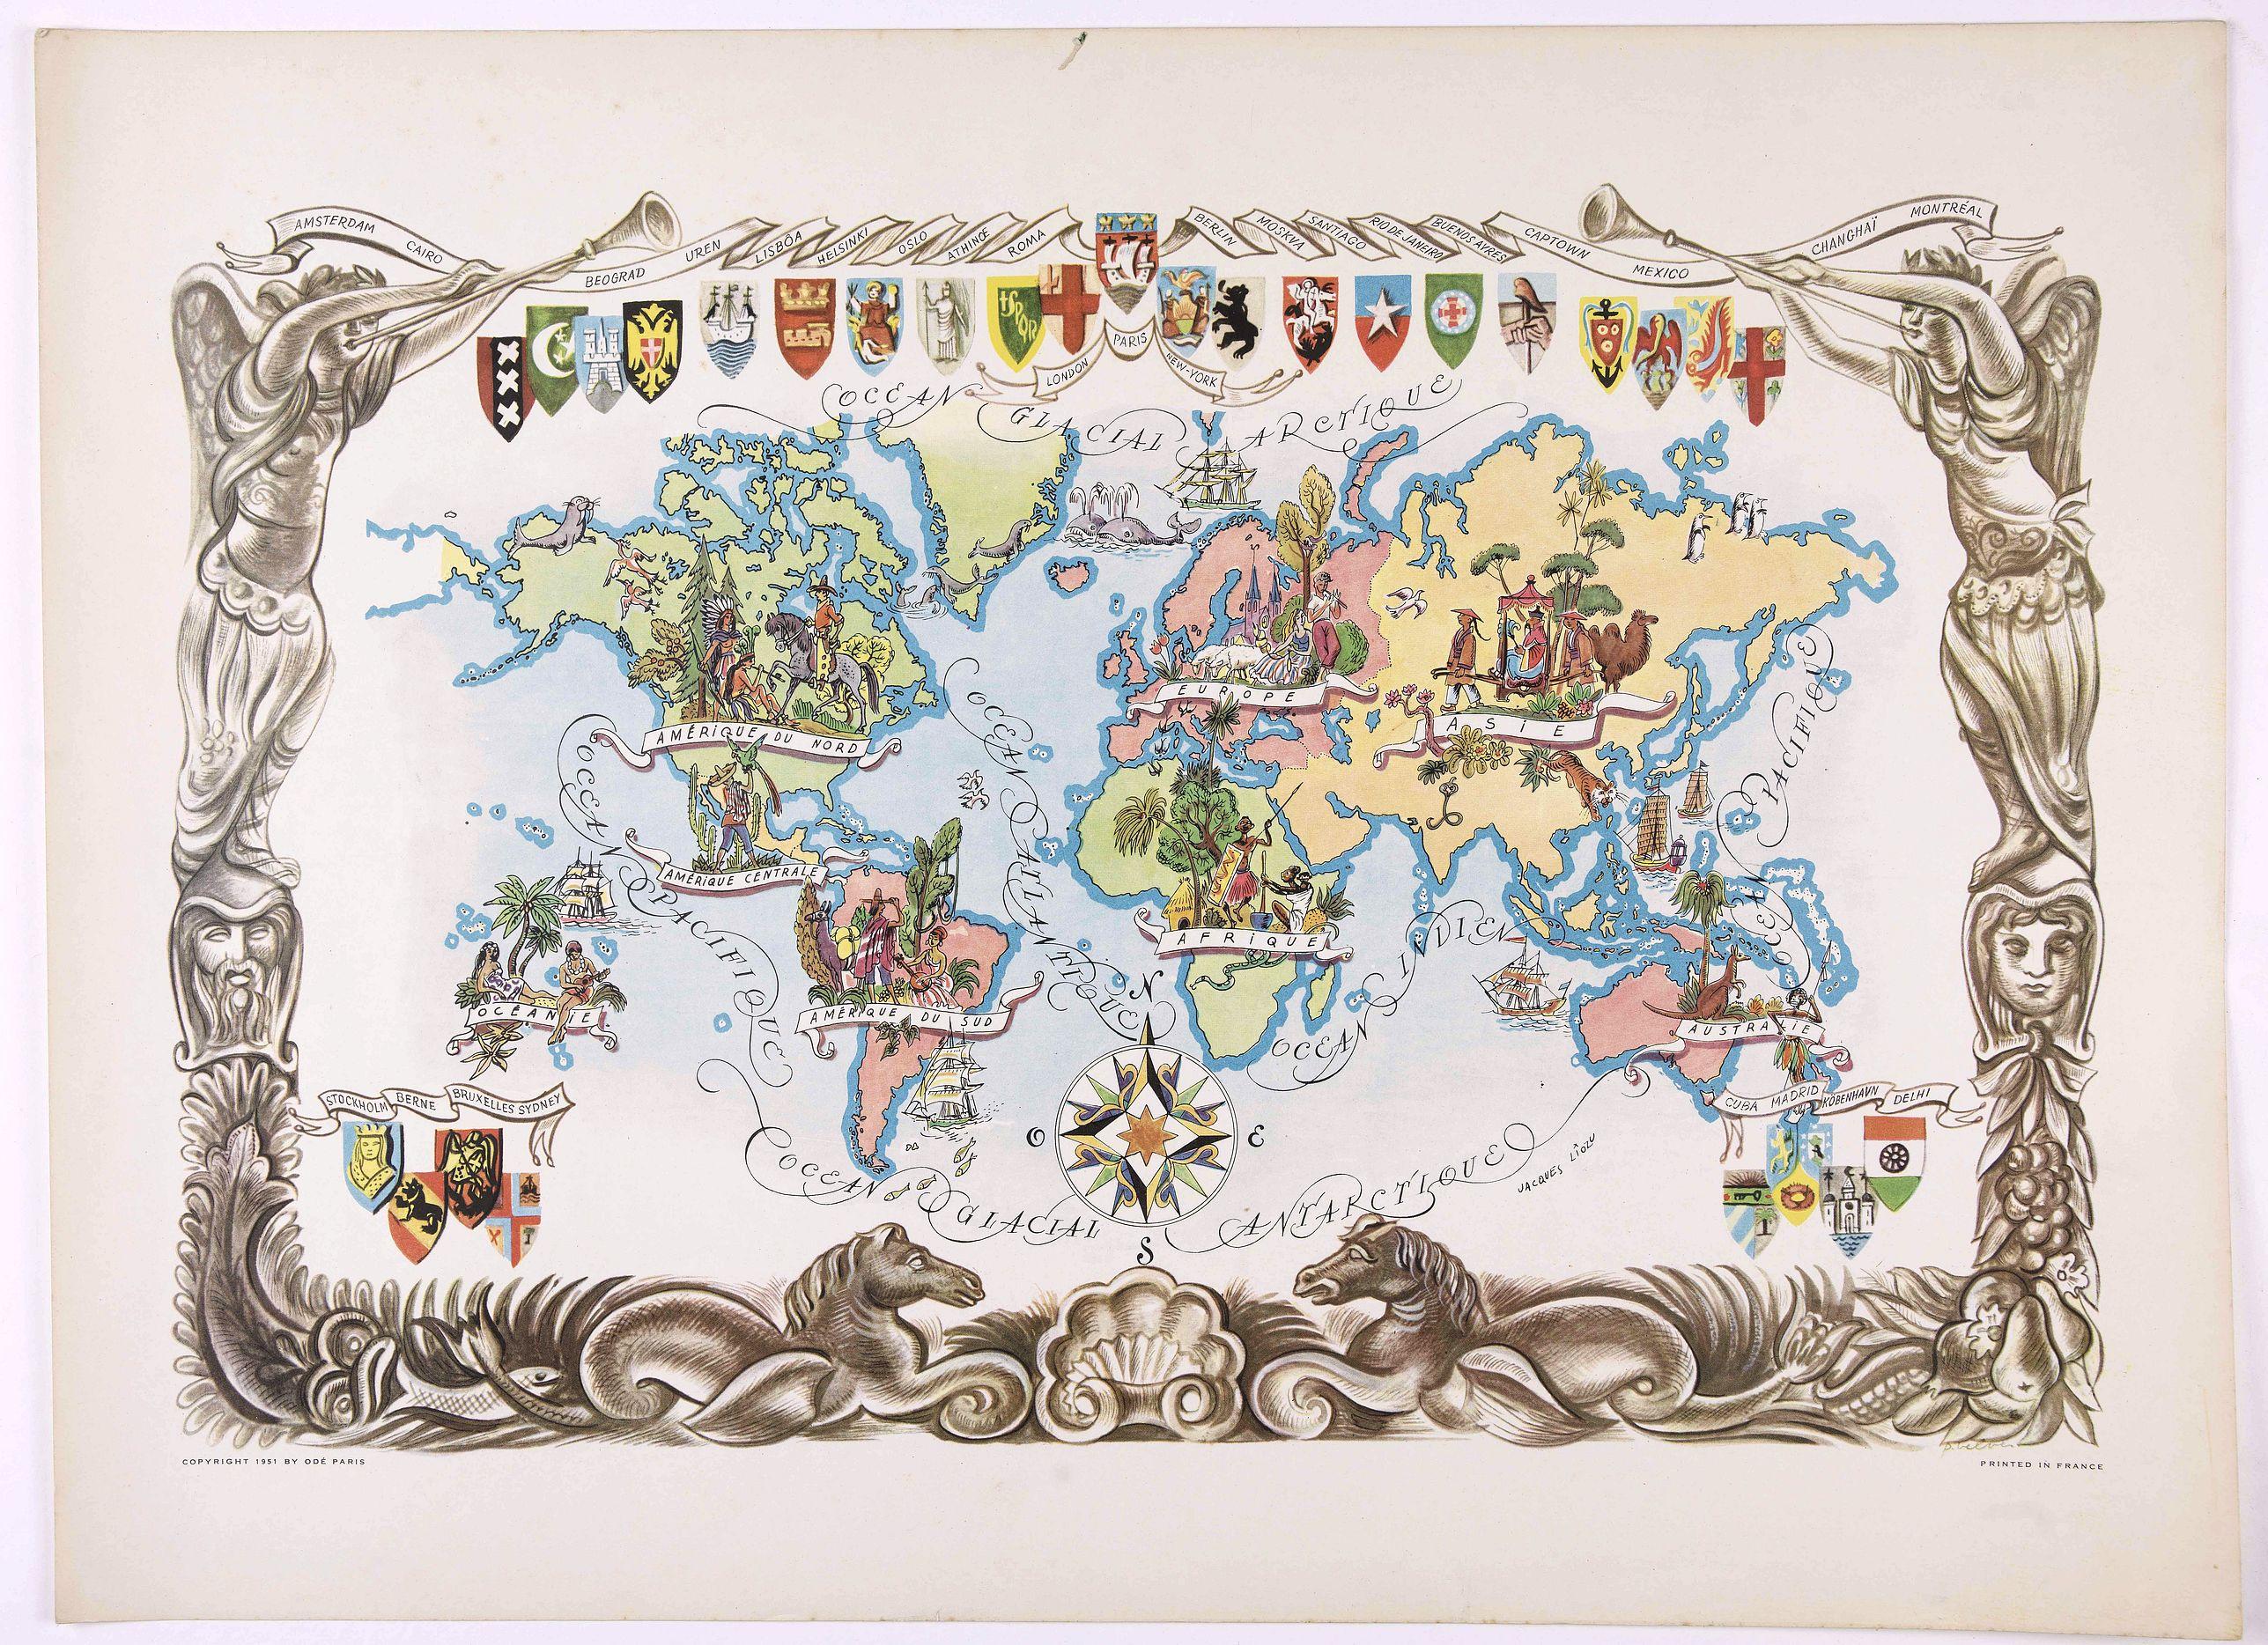 LIOZU, J. - [World Map].